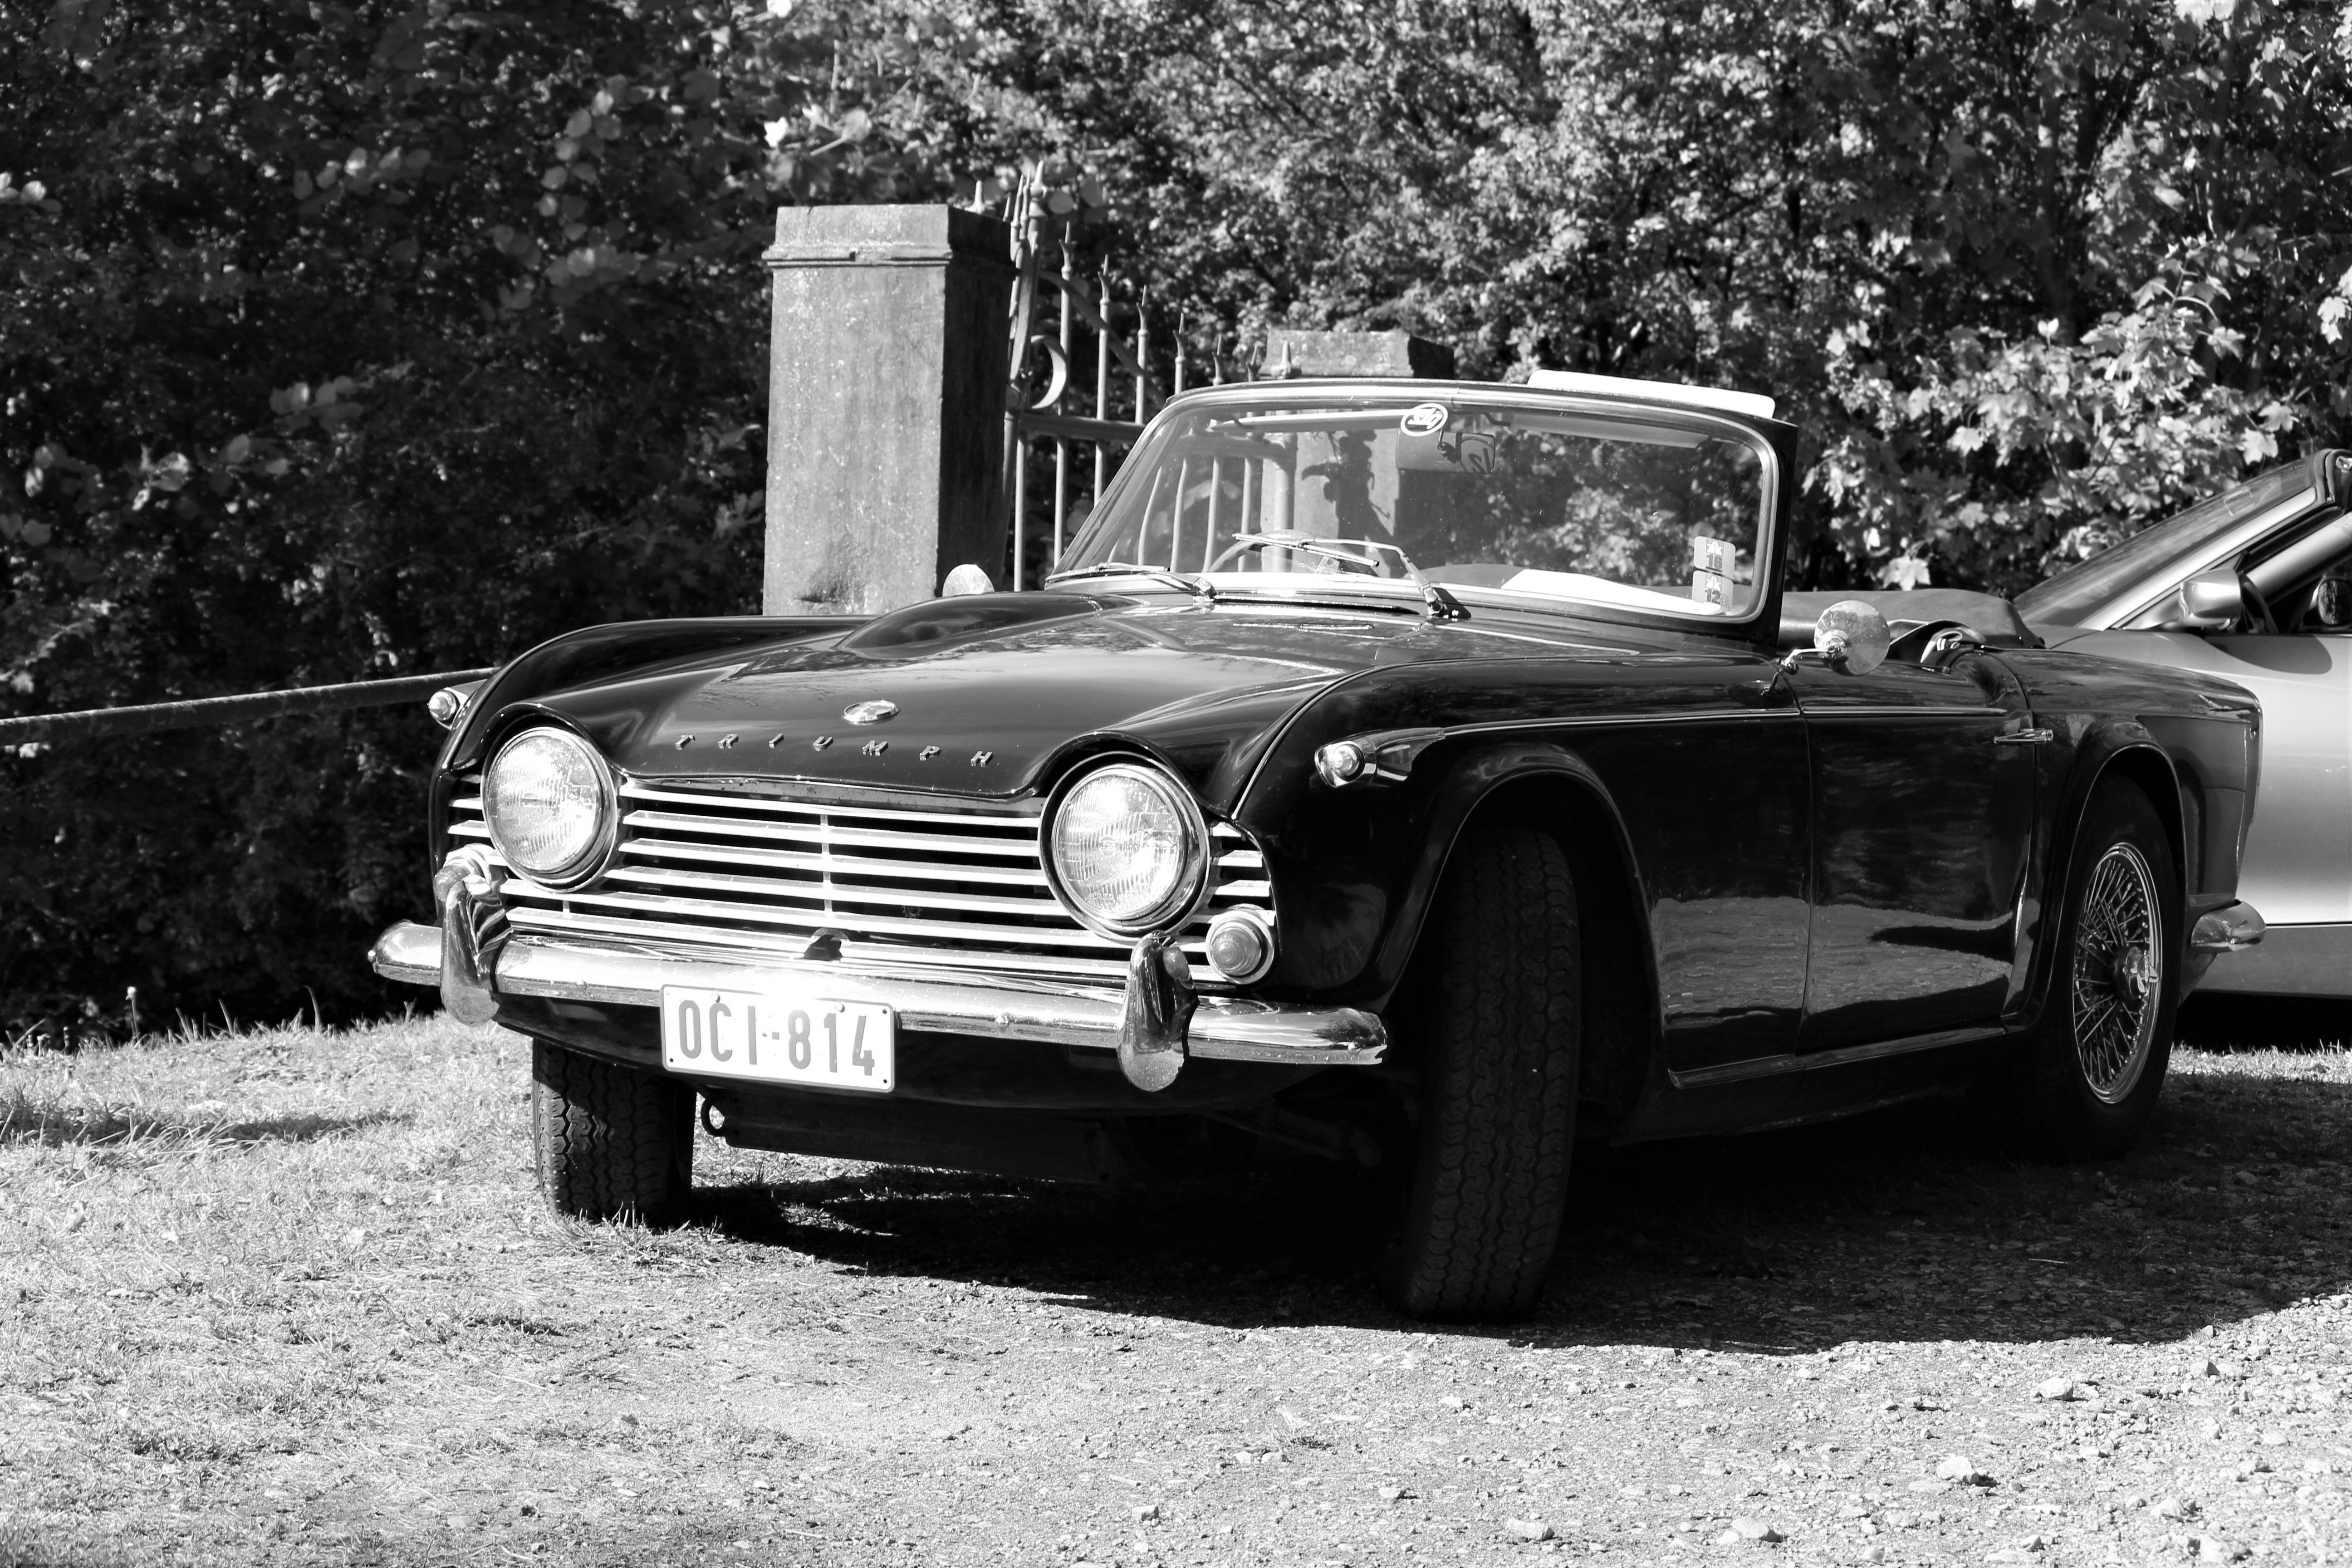 4300 Koleksi Gambar Mobil Balap Hitam Putih HD Terbaik